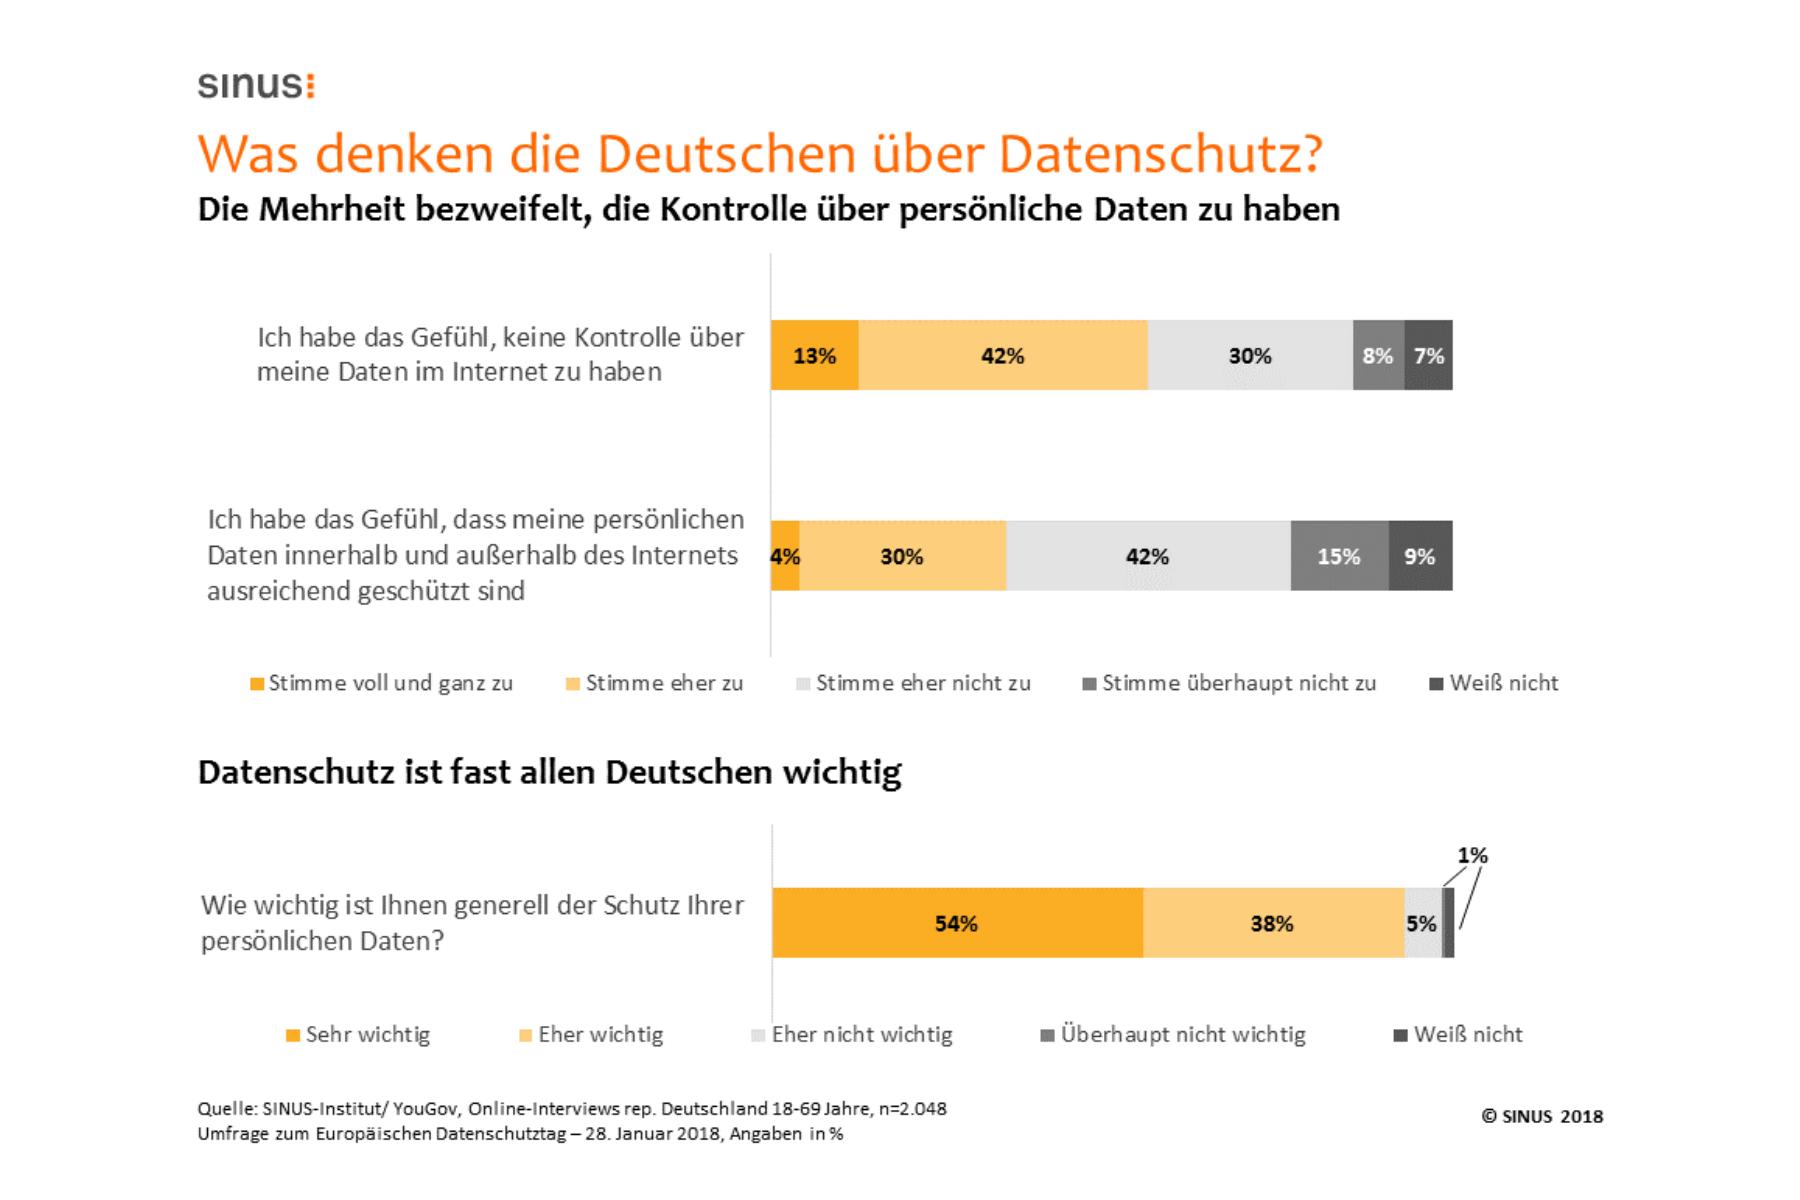 Studie zu Datenschutz: Mehrheit der Deutschen zweifelt an Datensicherheit